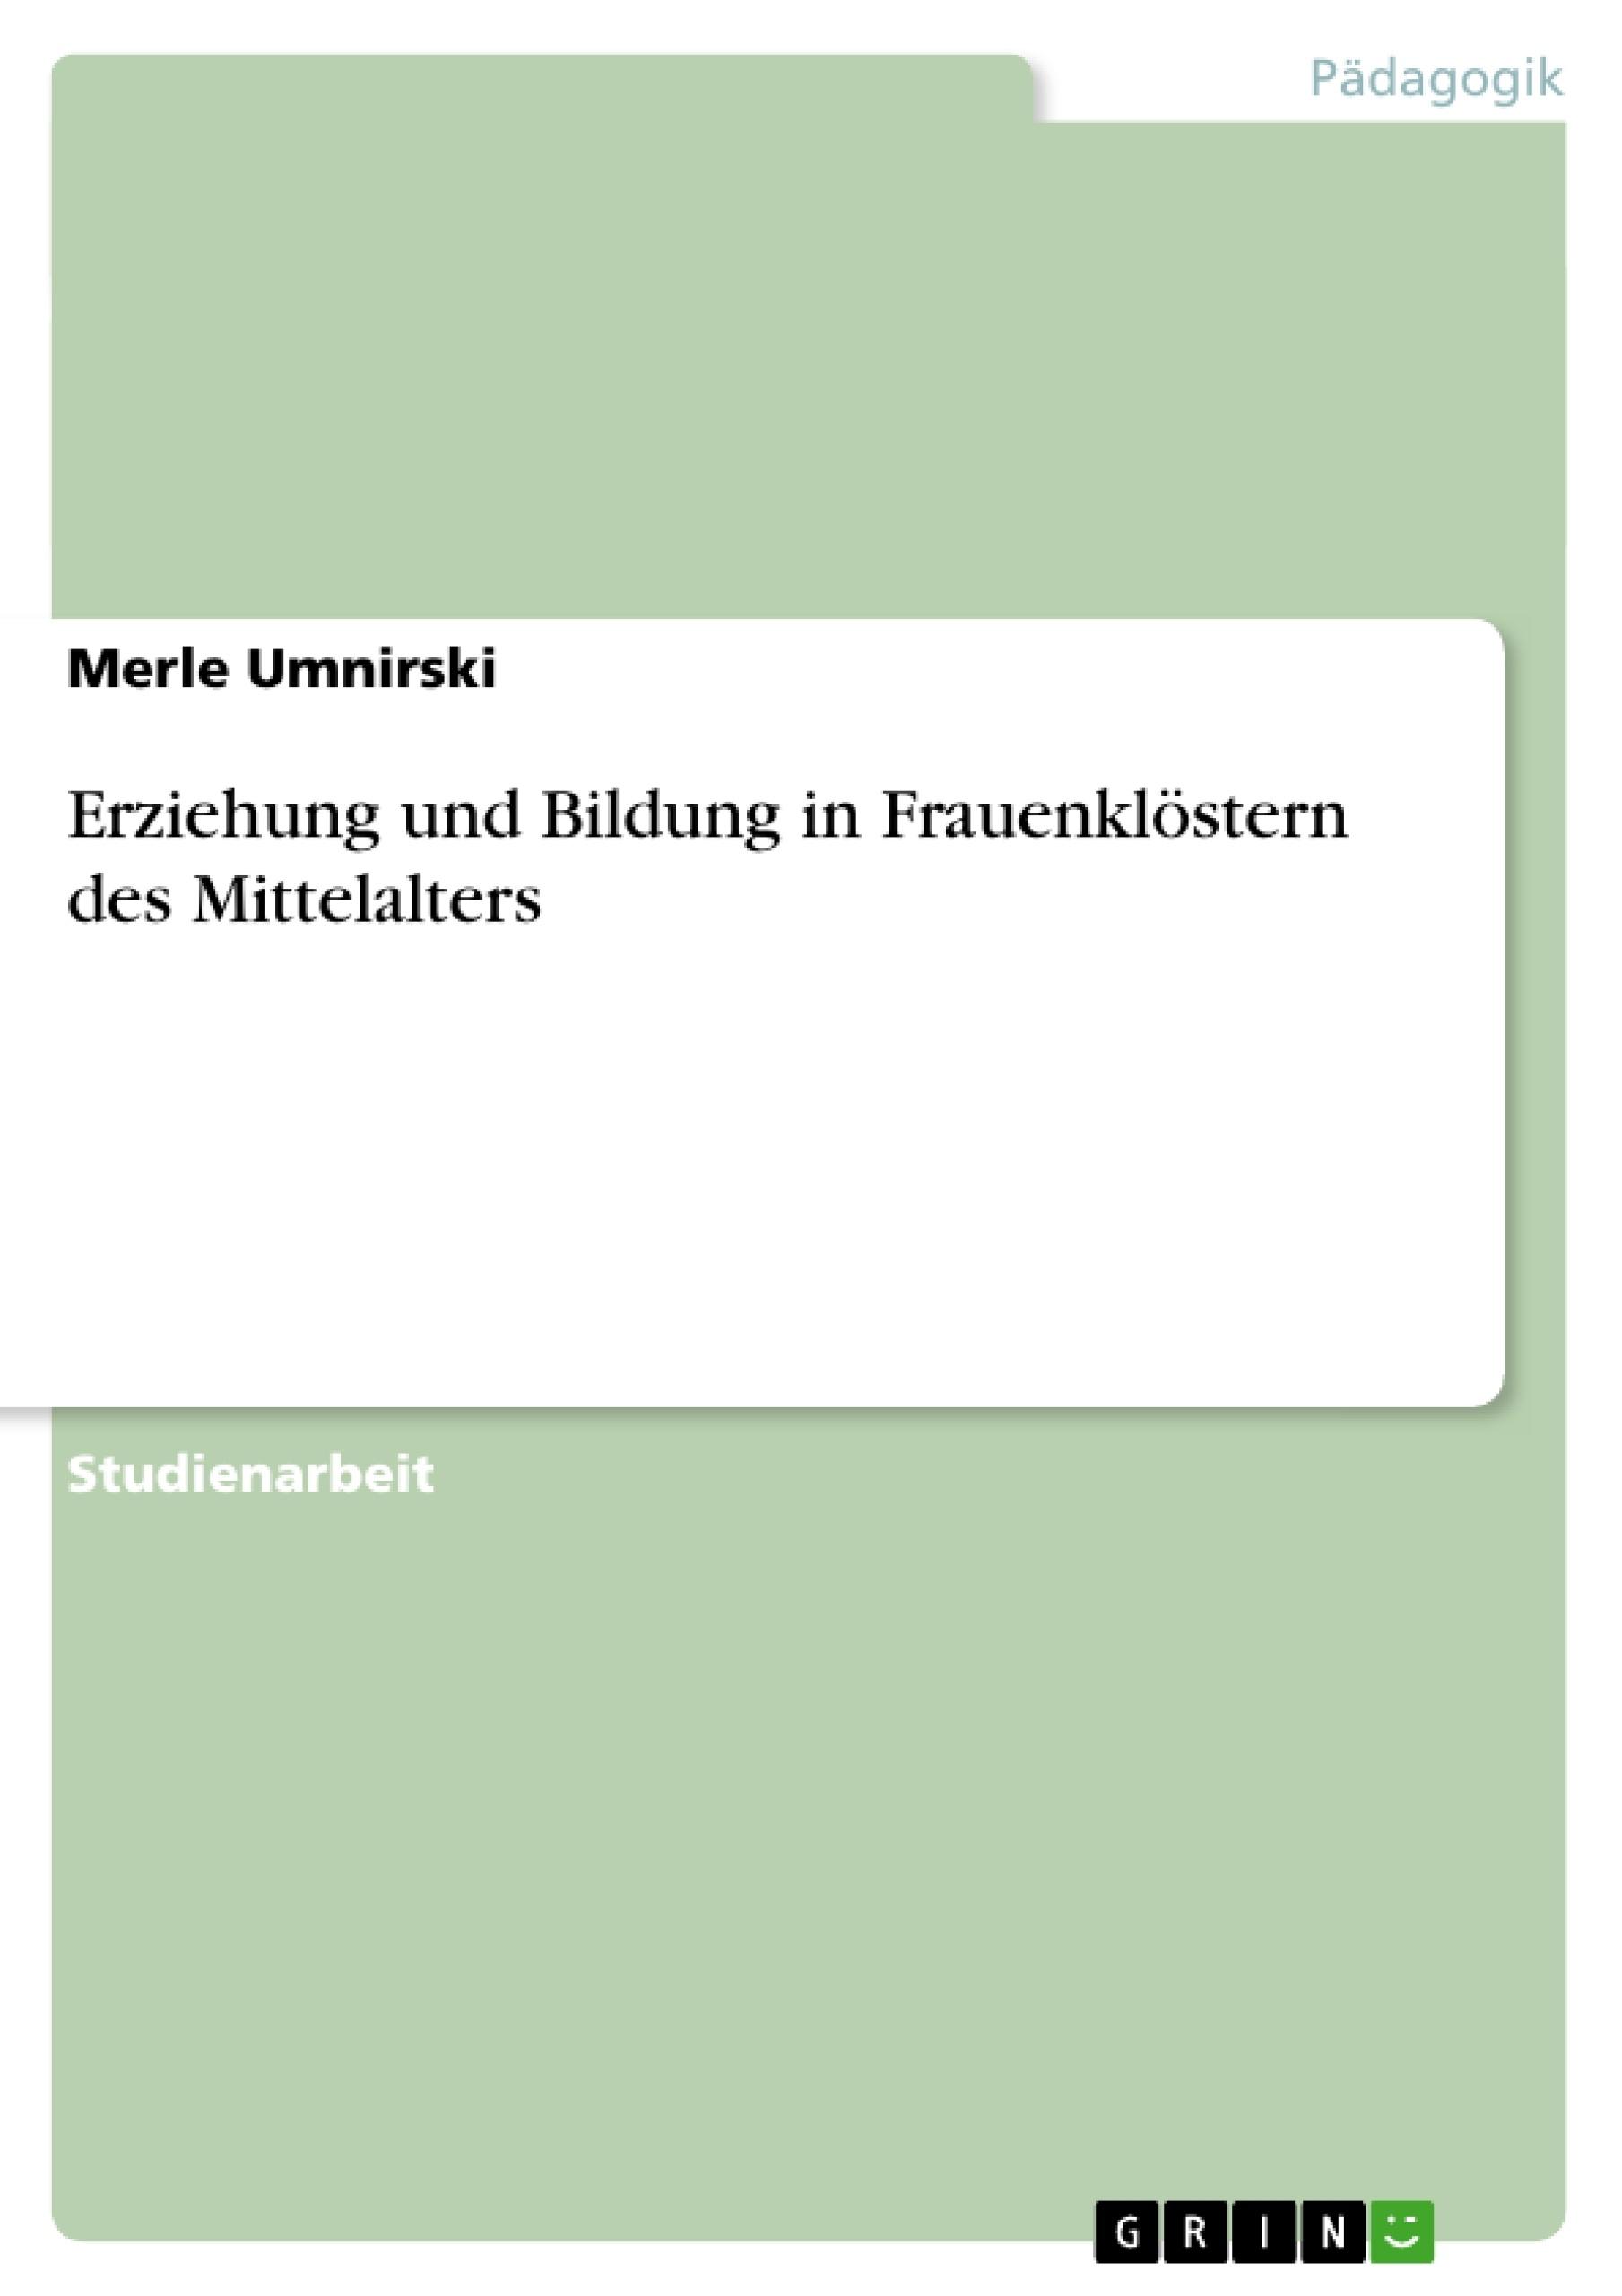 Titel: Erziehung und Bildung in Frauenklöstern des Mittelalters